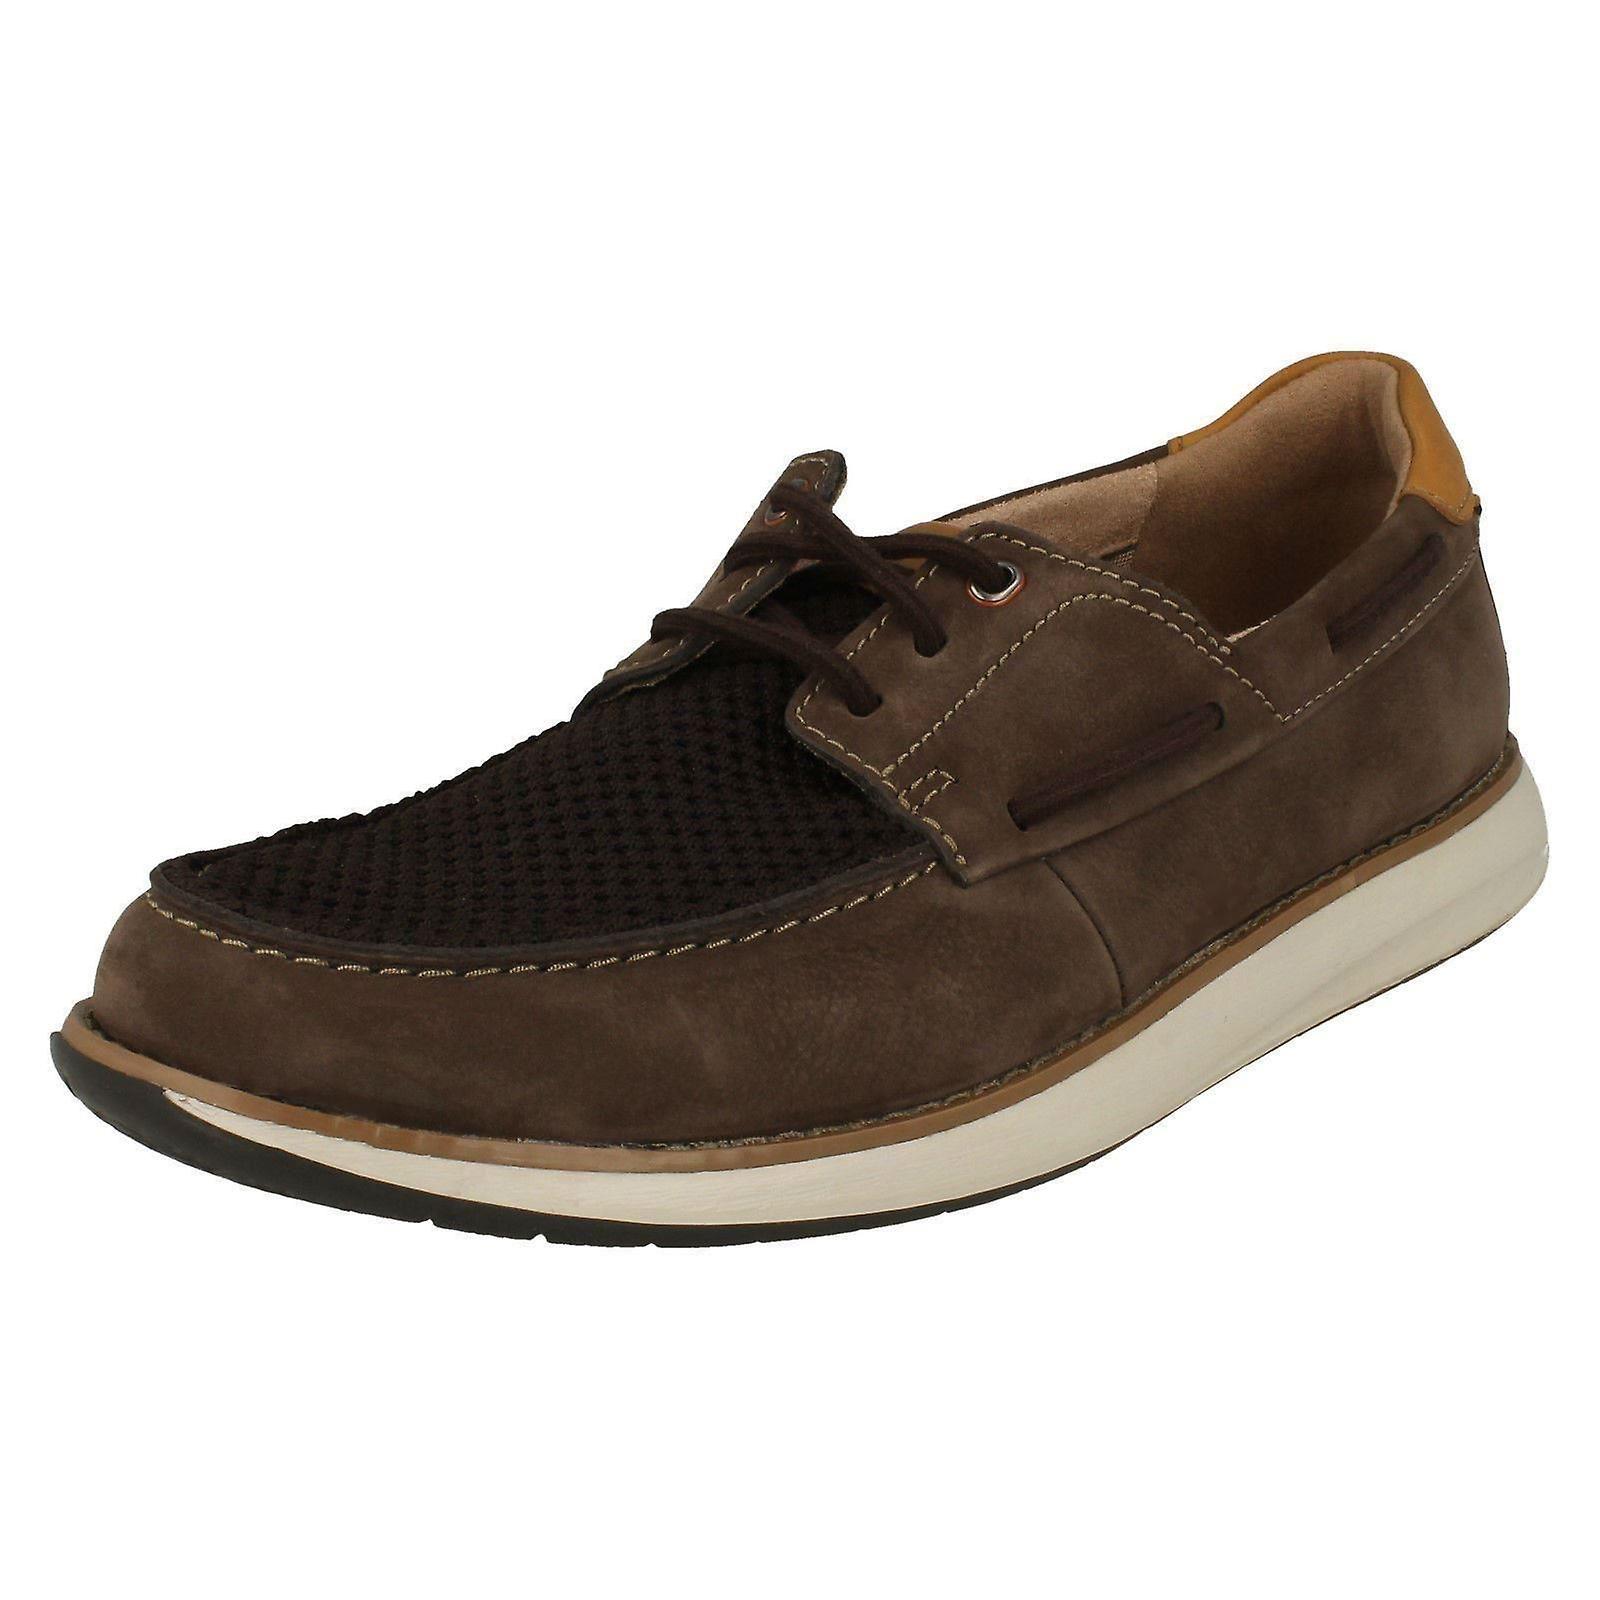 f8f257c5 Mens Clarks Unstructured Deck Shoes Un Pilot Lace | Fruugo